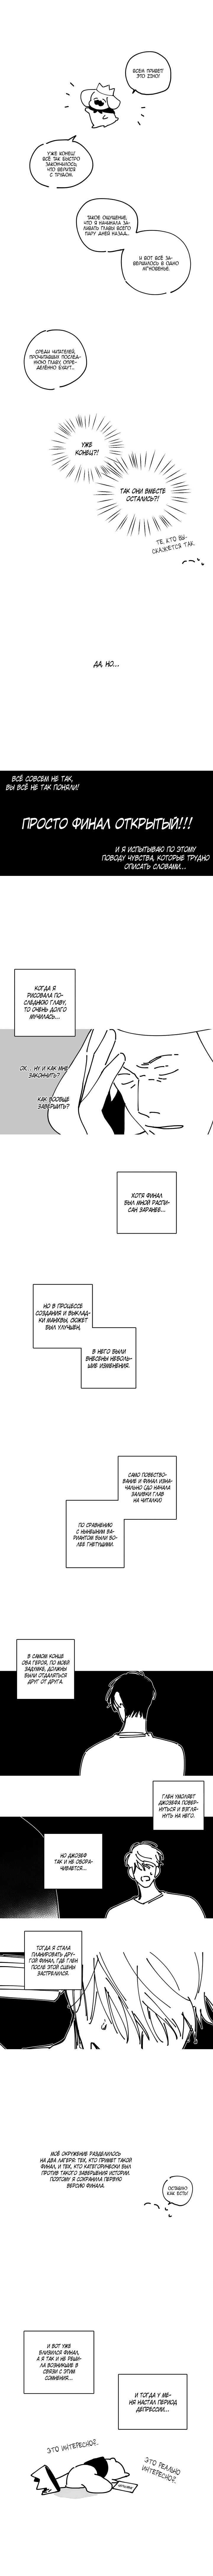 Манга Глен - Глава 27 Страница 1